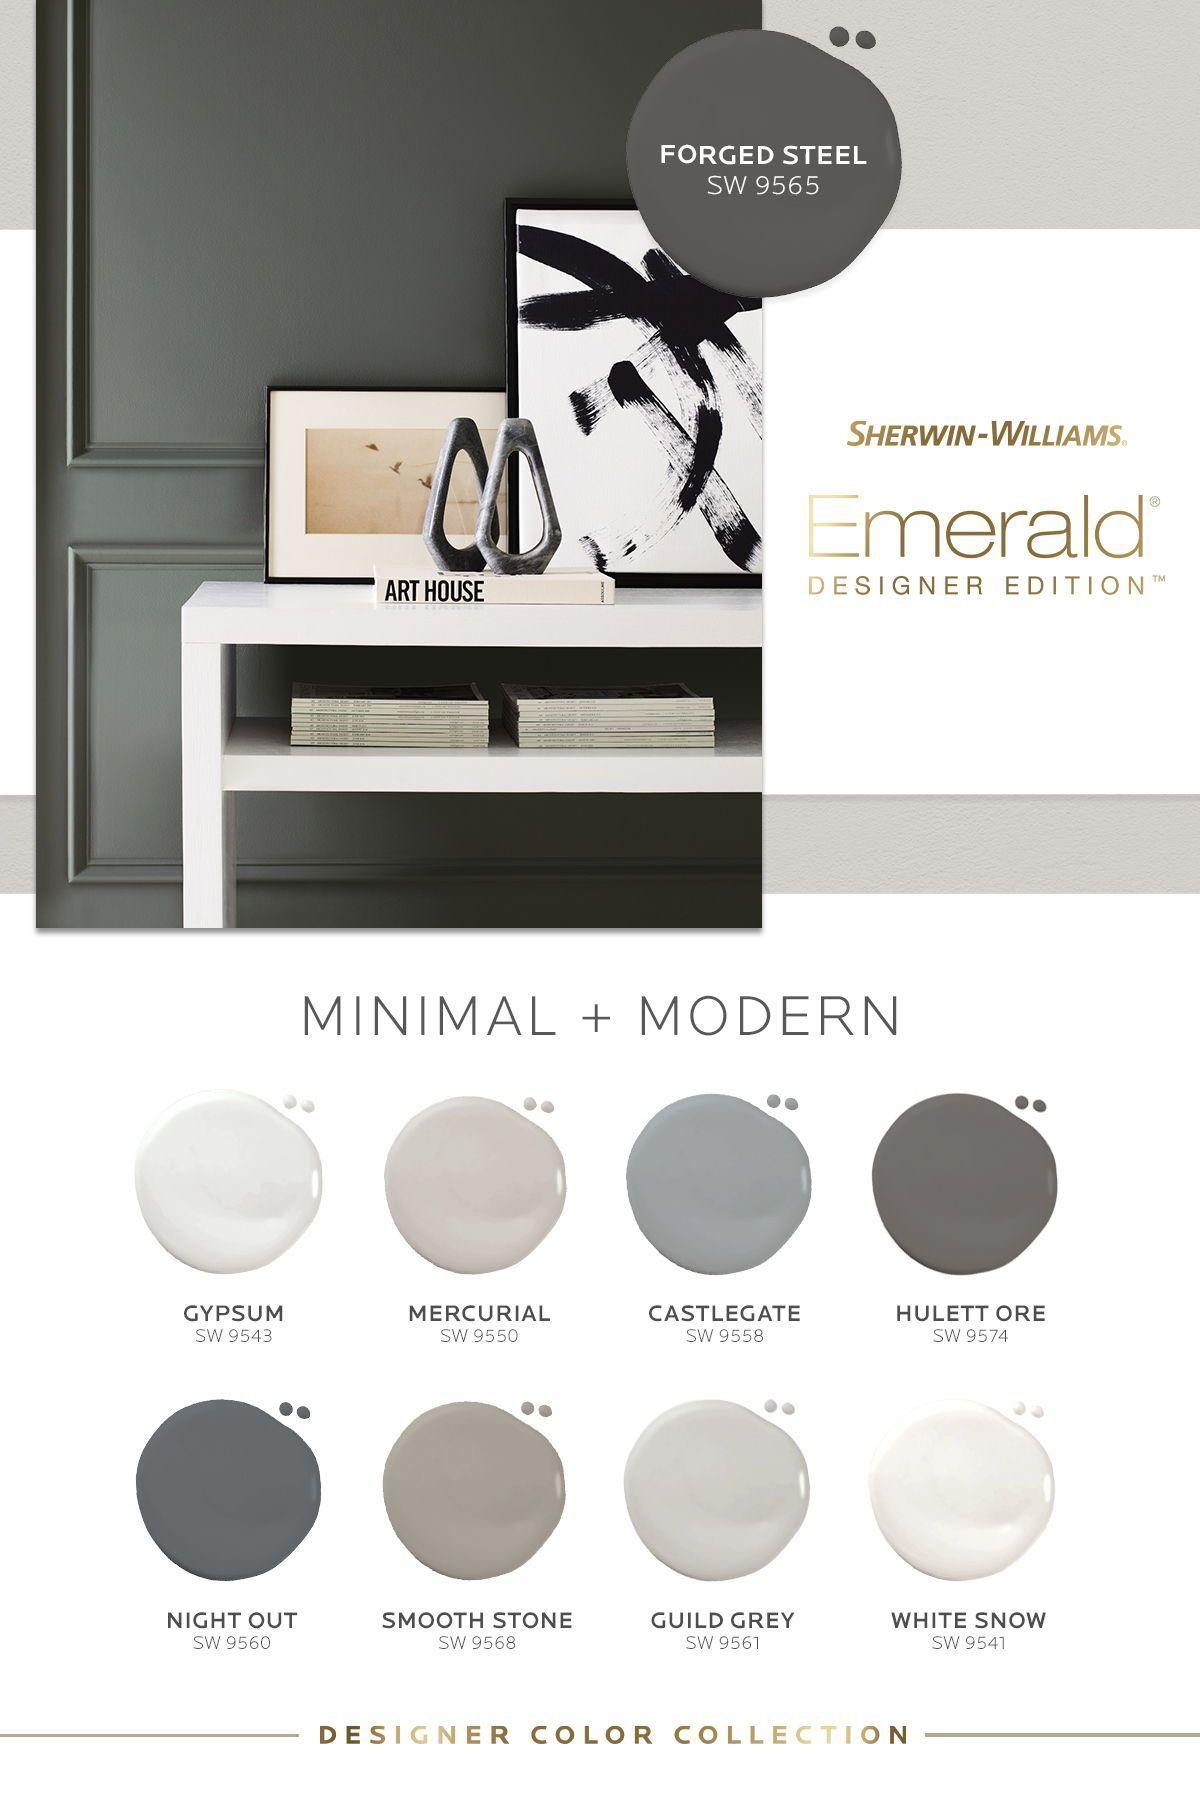 Sherwin Williams Emerald Designer Edition